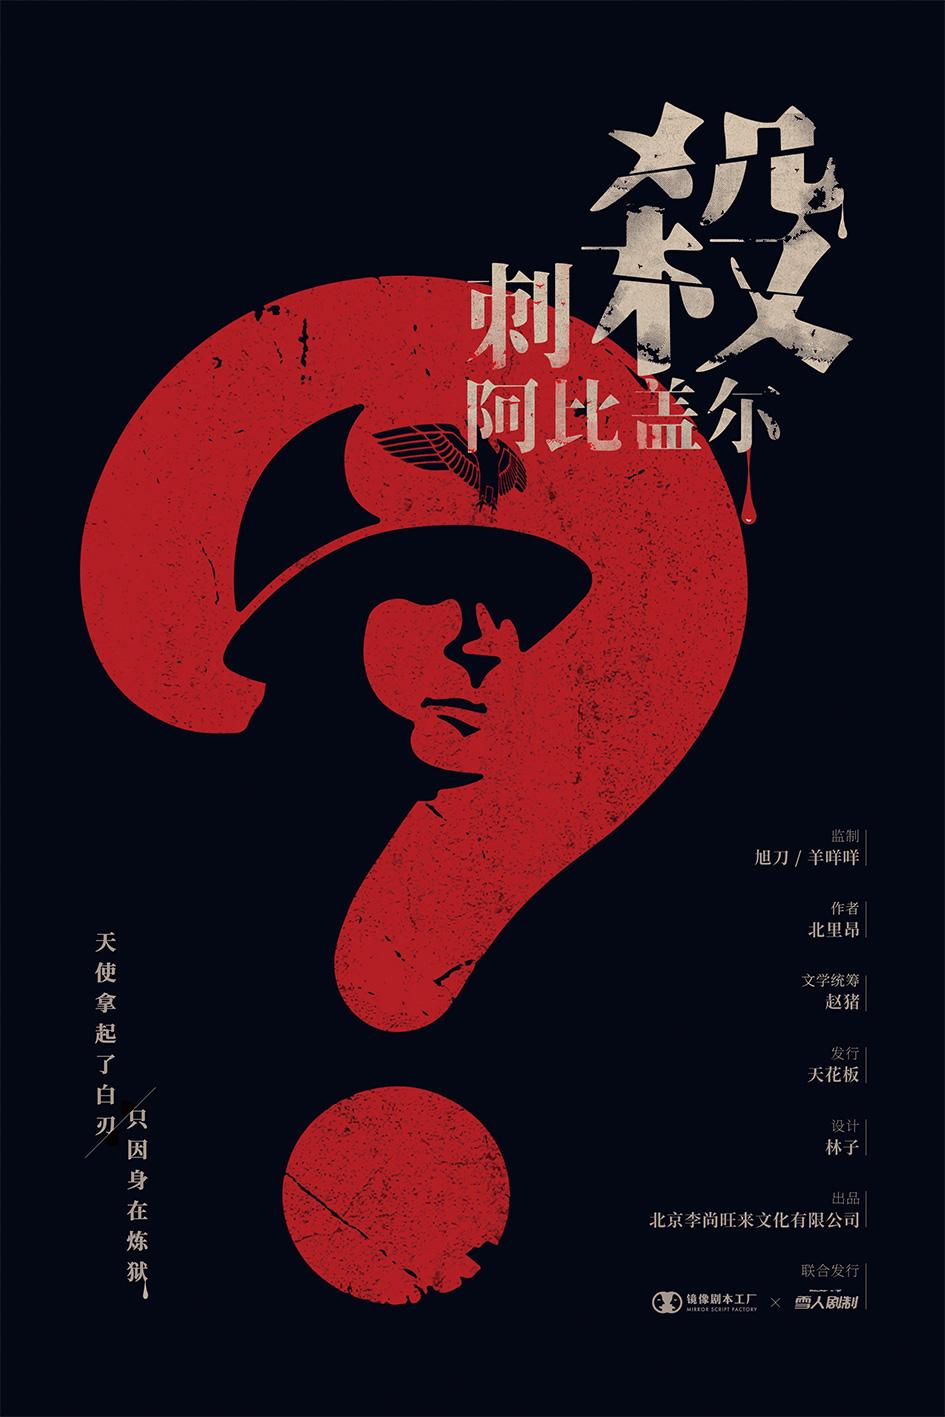 『刺杀阿比盖尔』剧本杀复盘解析 剧透结局 凶手是谁 真相答案